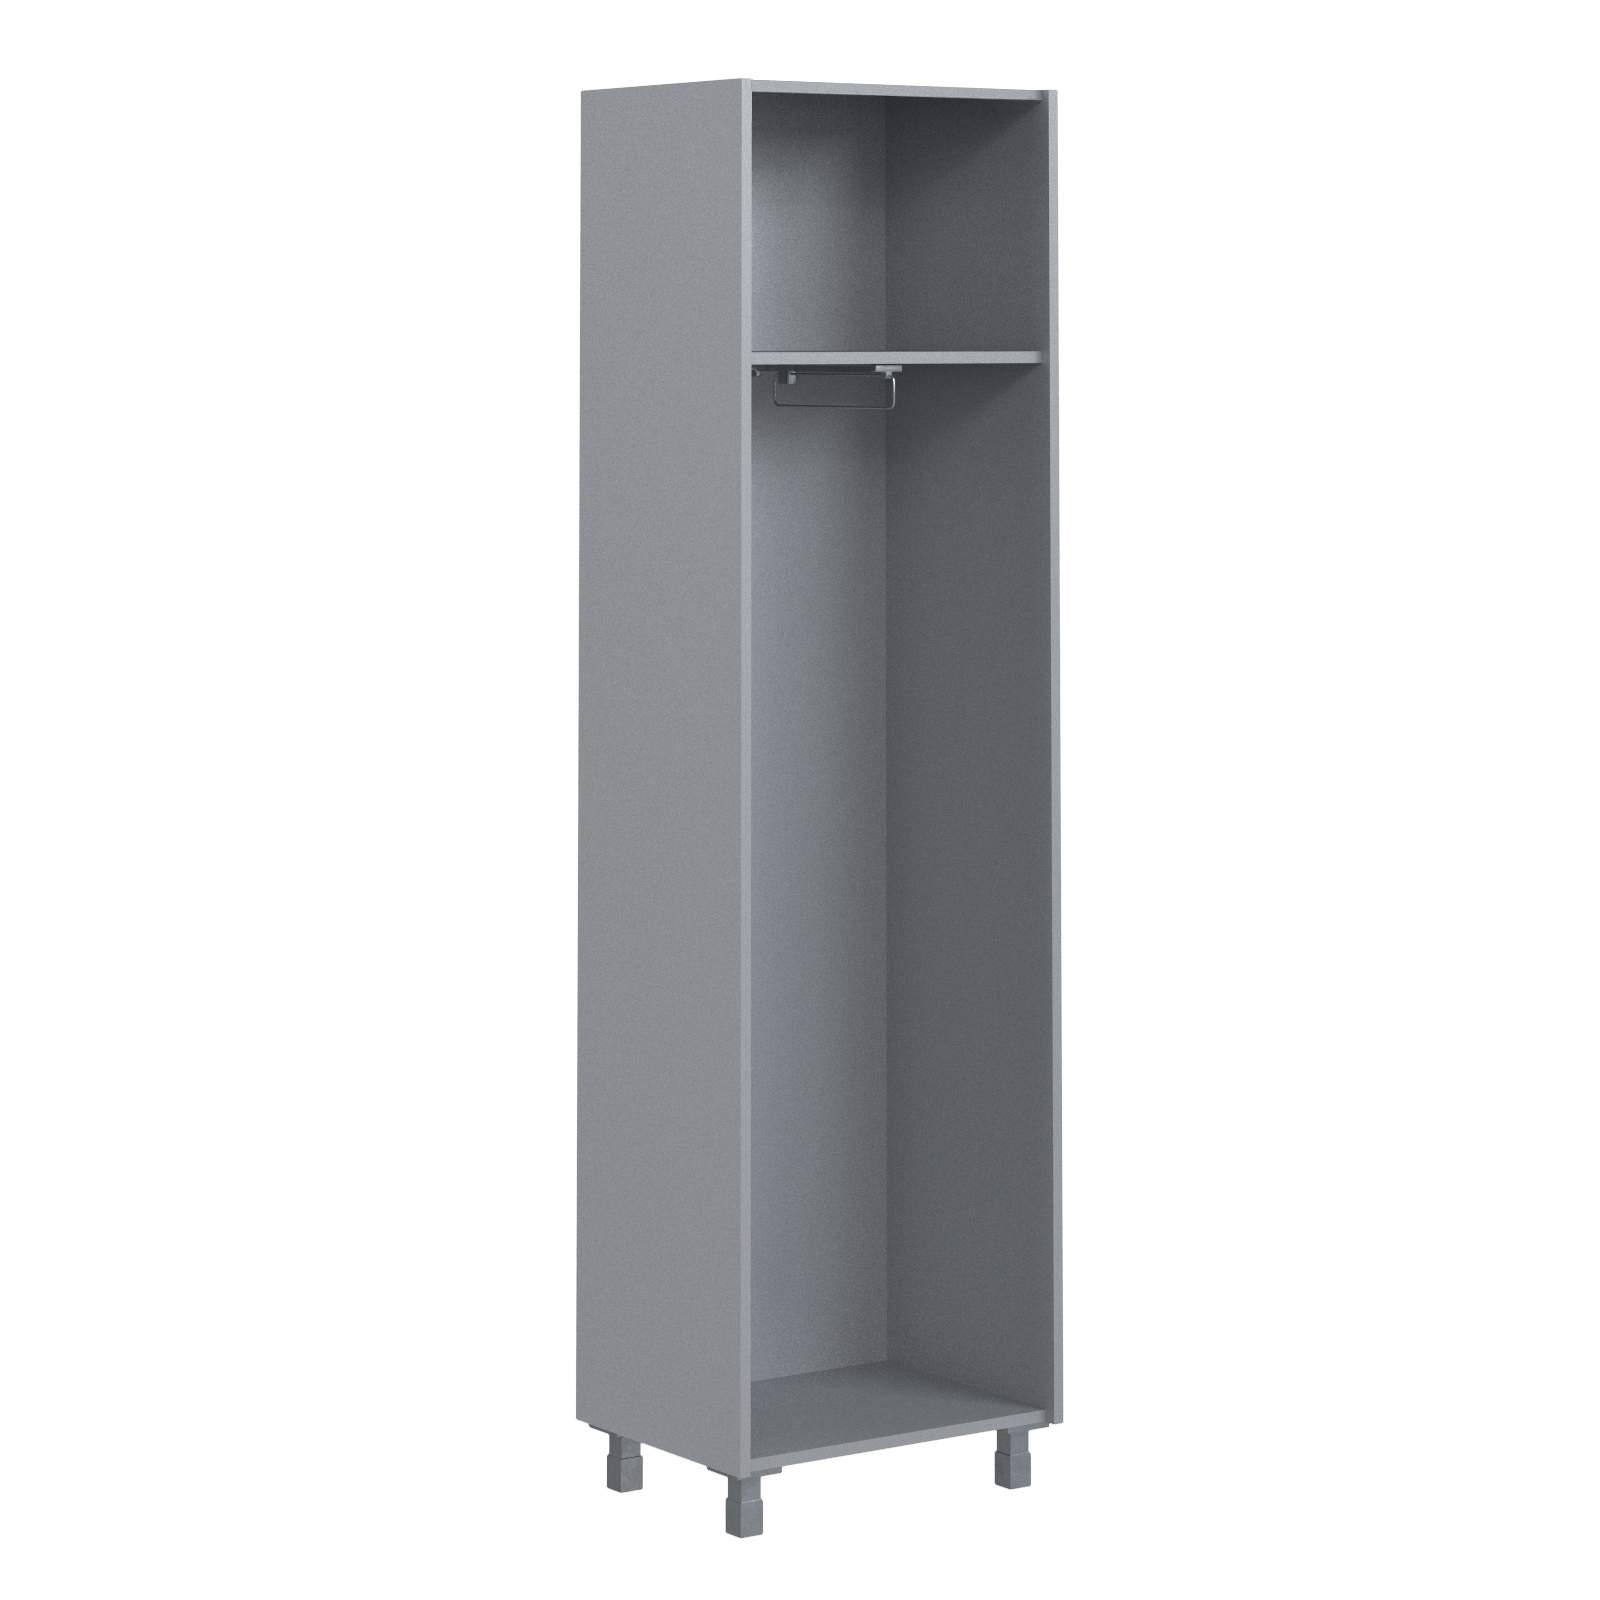 Каркас шкафа для одежды 600x500x2147